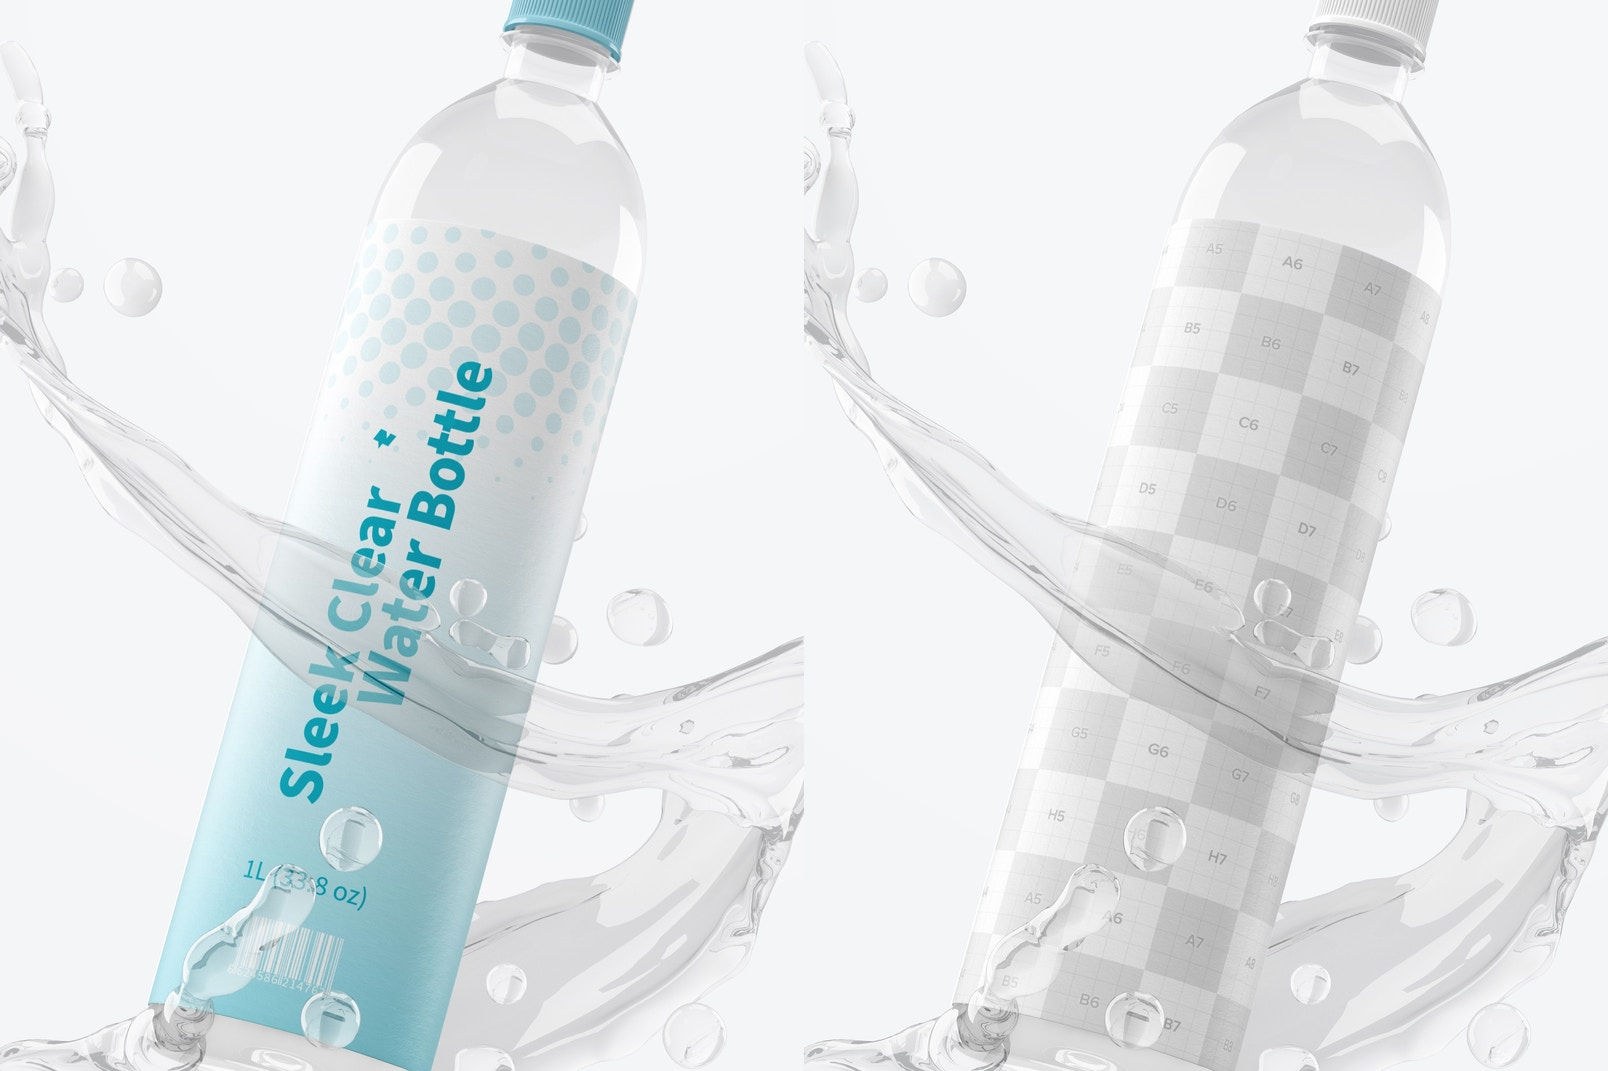 1L Sleek Clear Water Bottle Scene Mockup